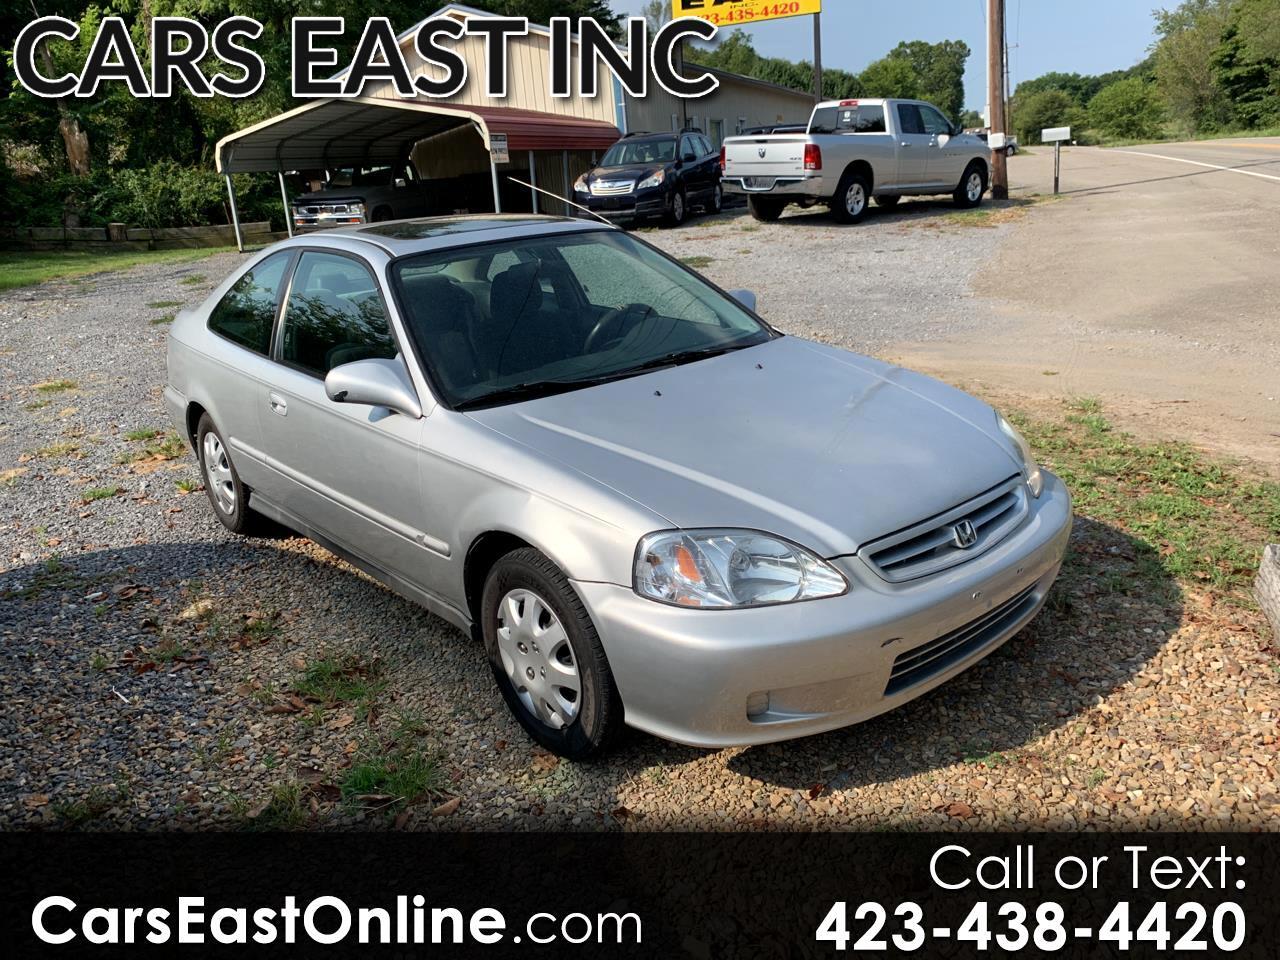 1999 Honda Civic 2dr Cpe EX Auto